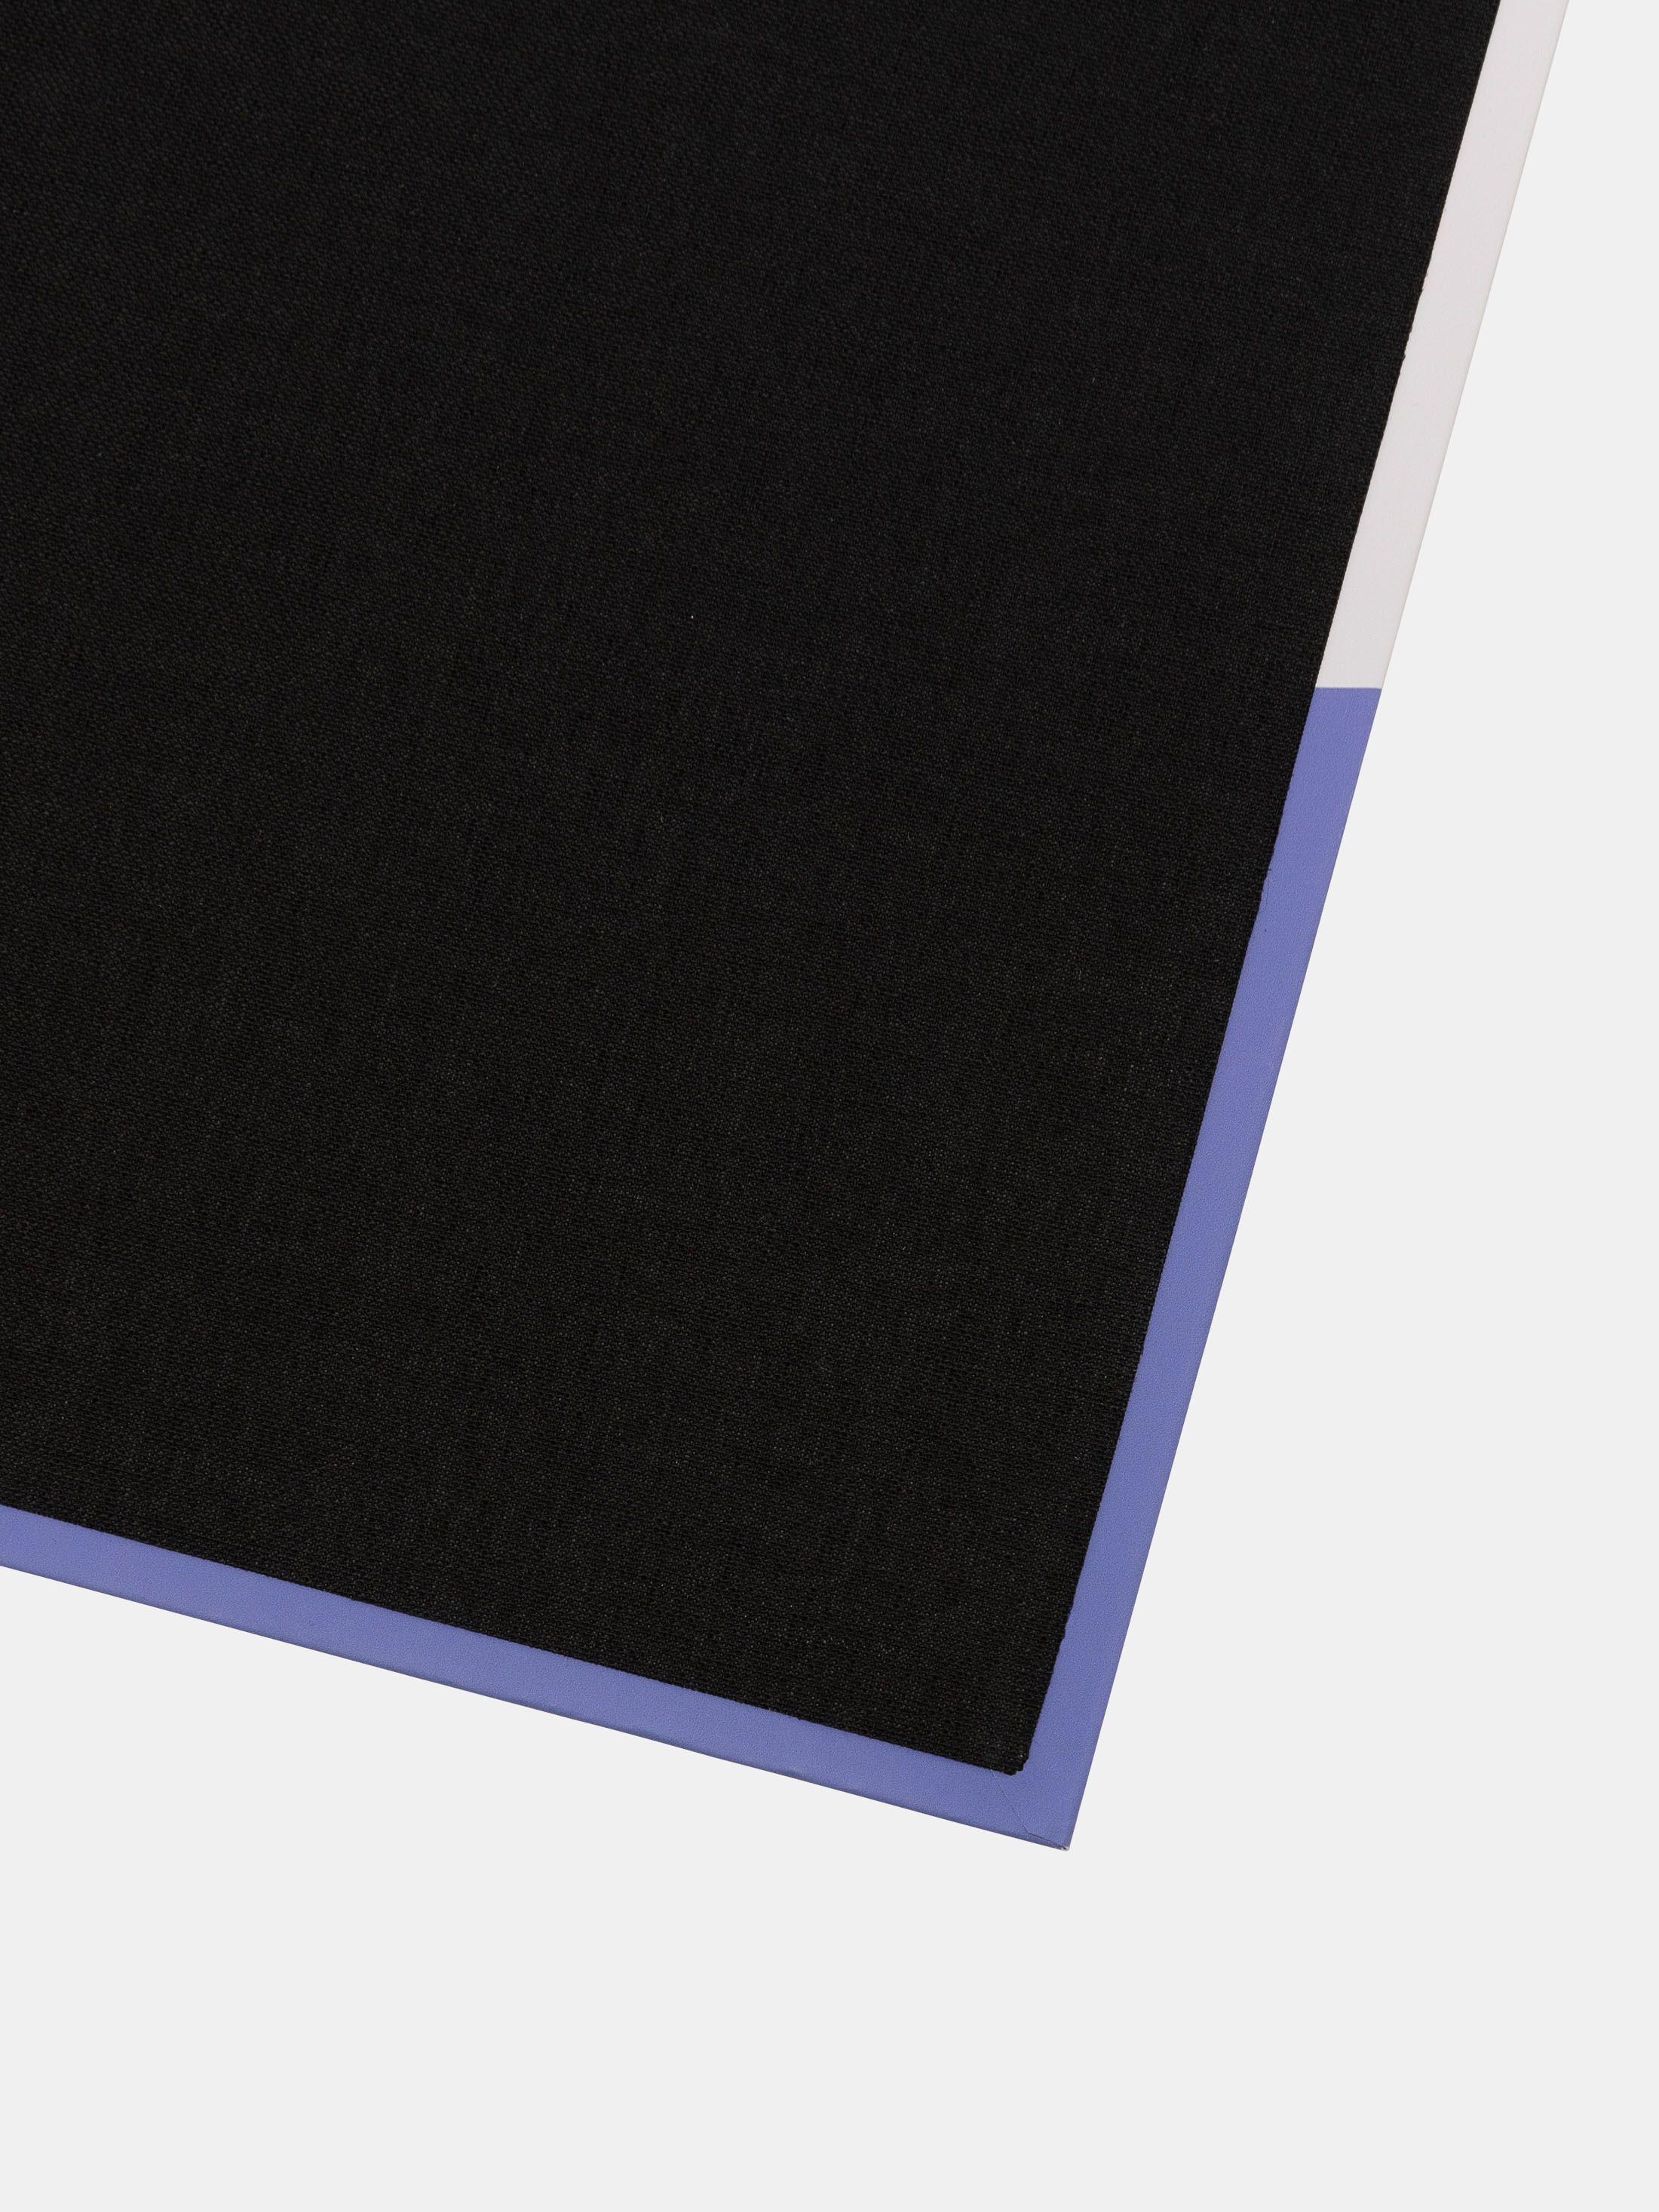 giant card corner details